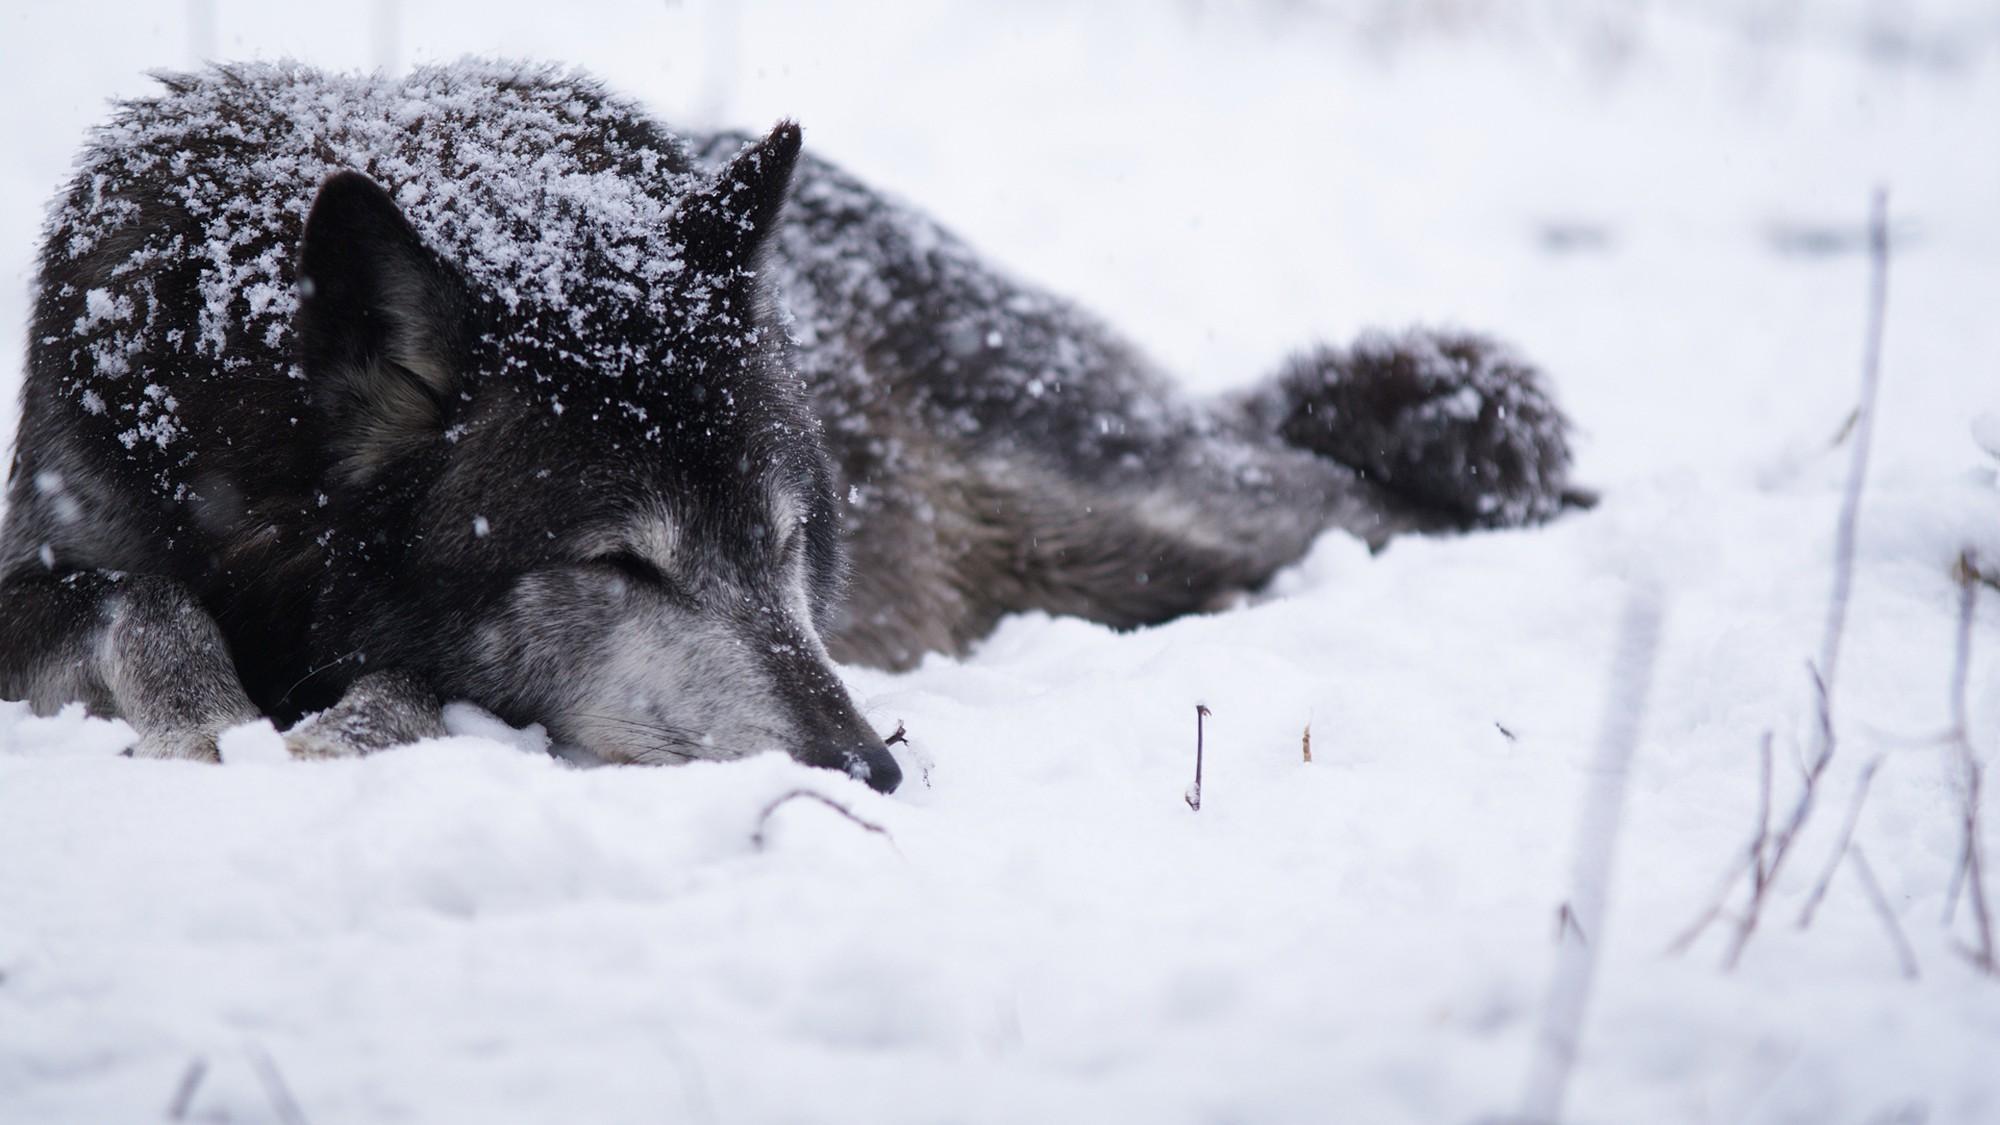 Làm thế nào để khiến chó sói chăm chỉ?: Bải học về phần thưởng xứng đáng cho nhân viên - Ảnh 2.